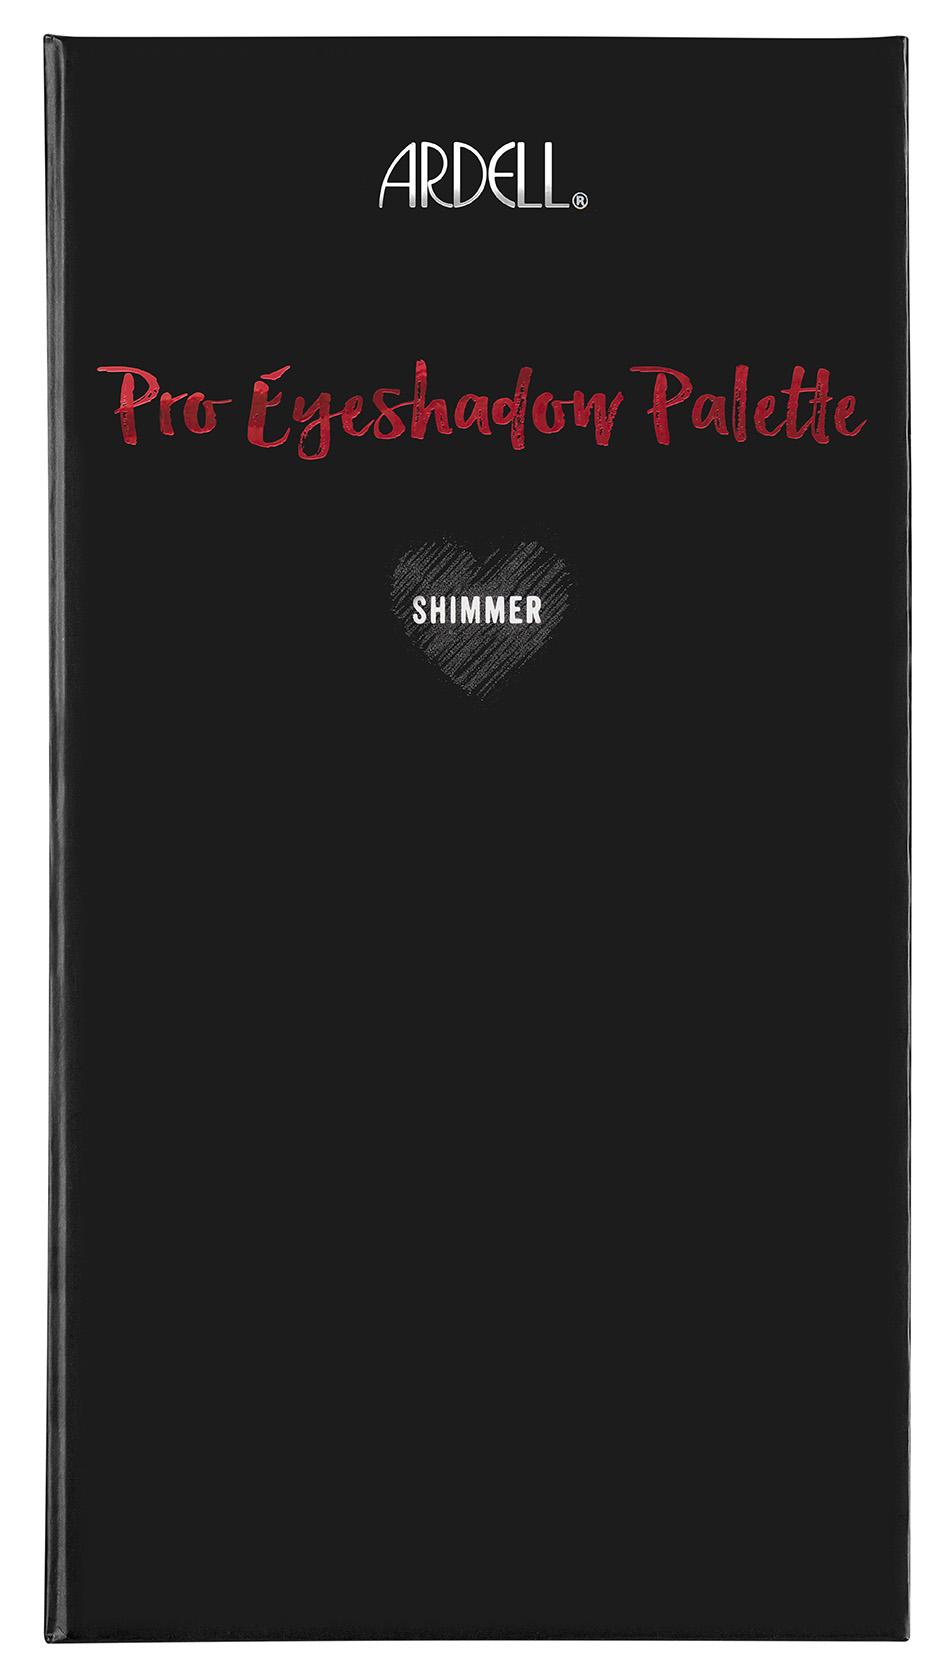 Bilde av Pro Eyeshadow Palette Shimmer